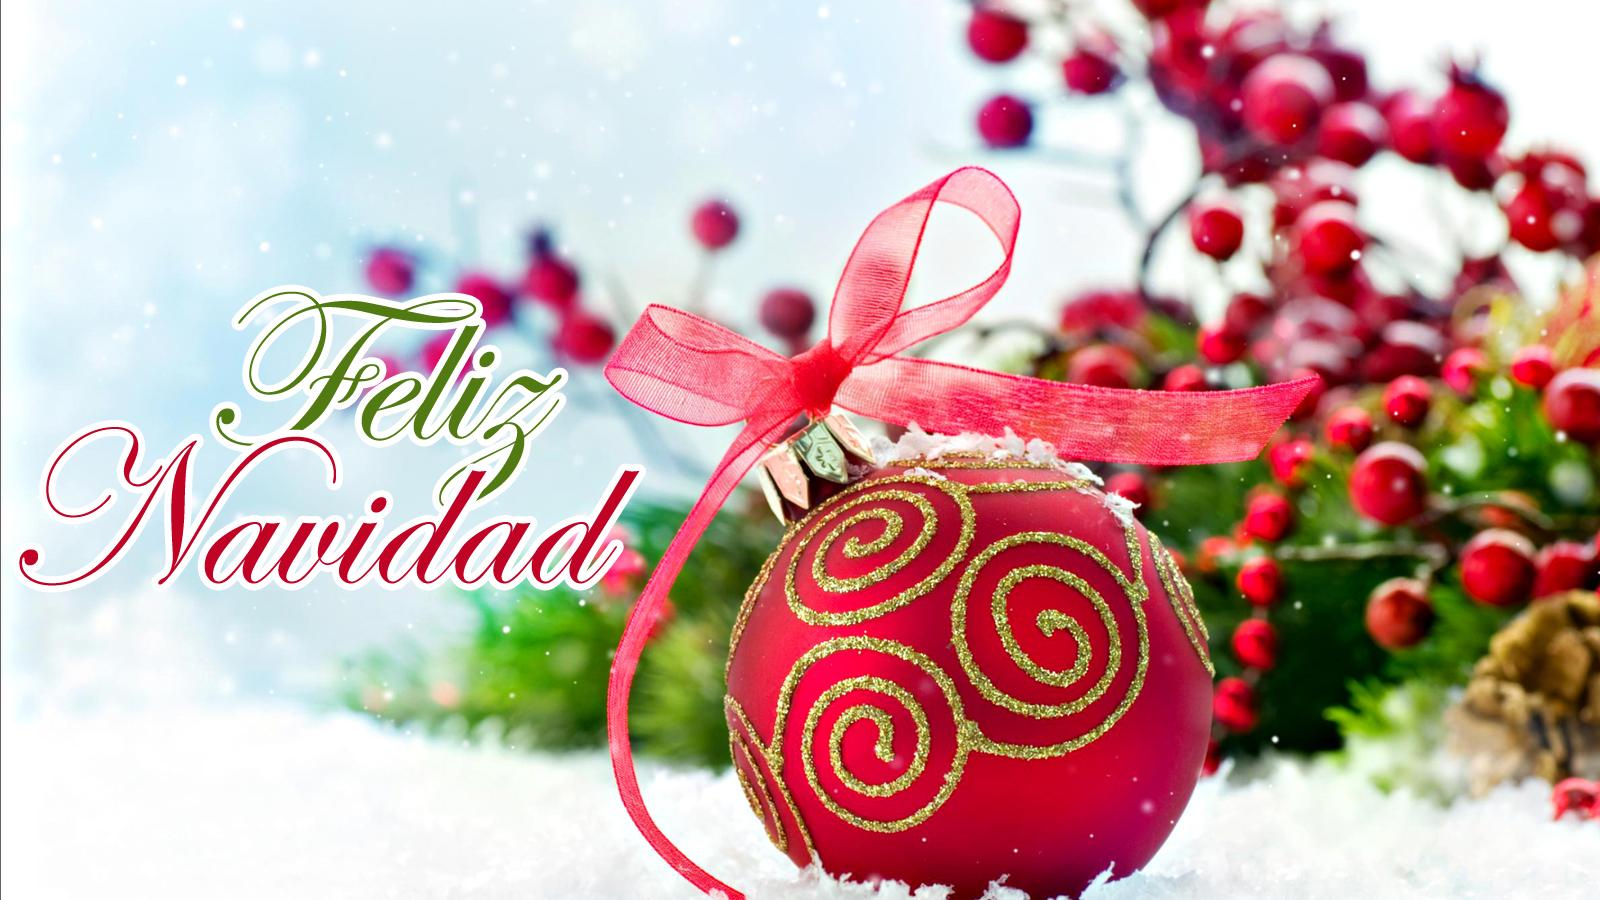 A la luz de la luna. - Página 2 Postal-de-navidad-con-esferas-rojas-y-adornos-navide%25C3%25B1os-para-compartir-alta-resolucion